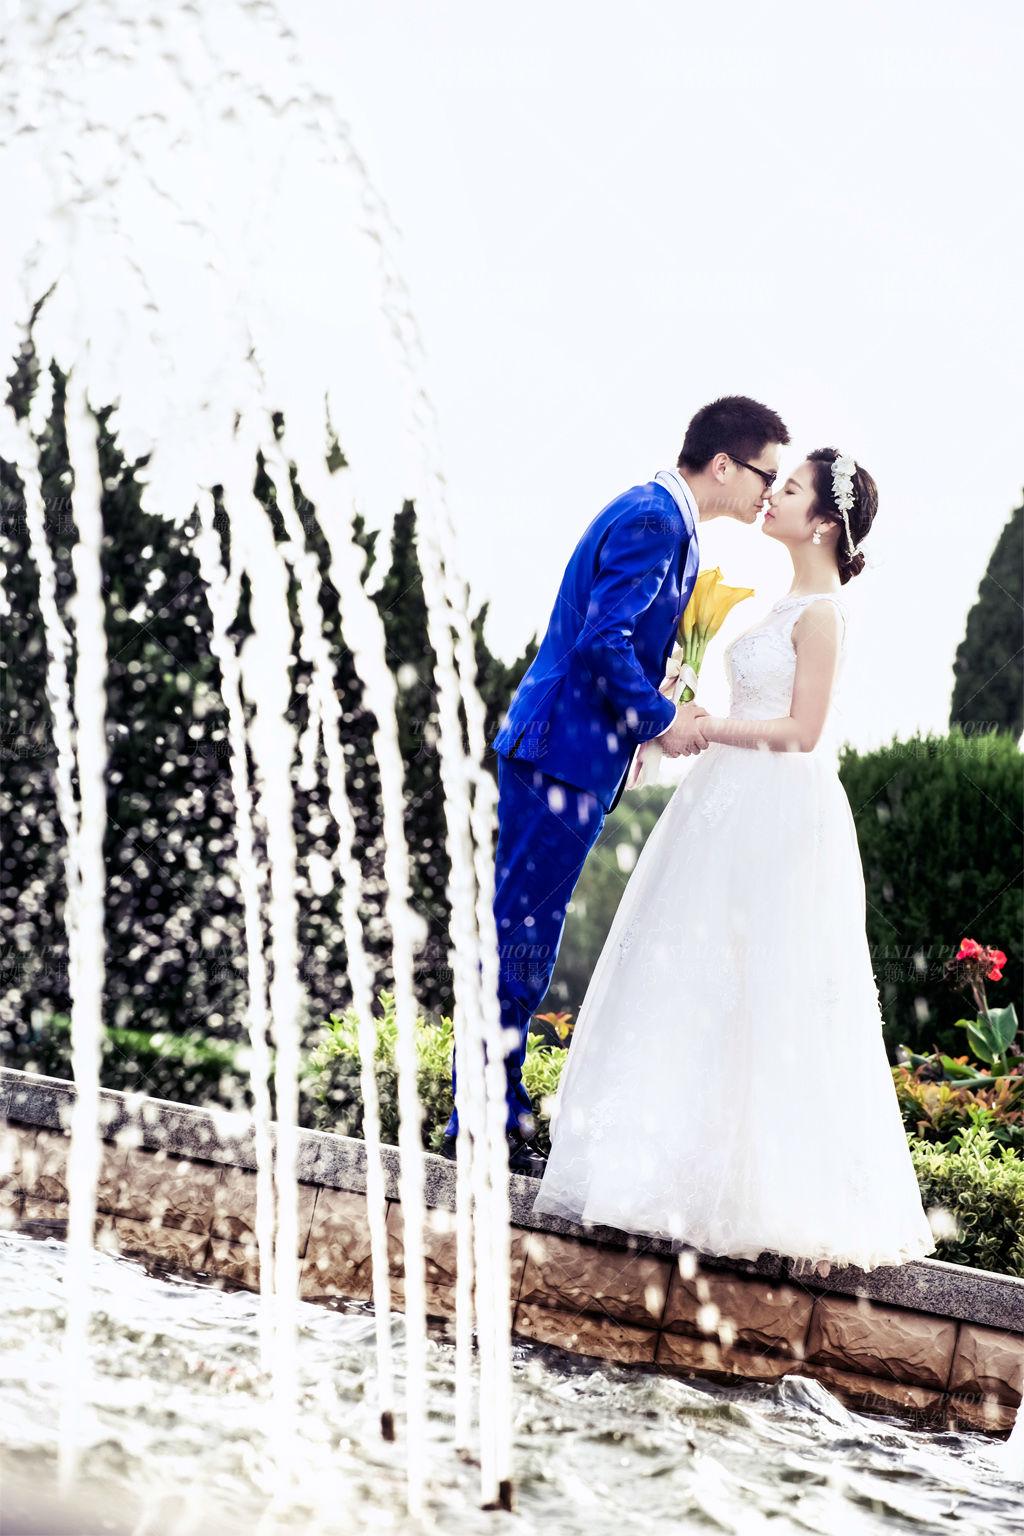 三亚婚纱婚纱摄影